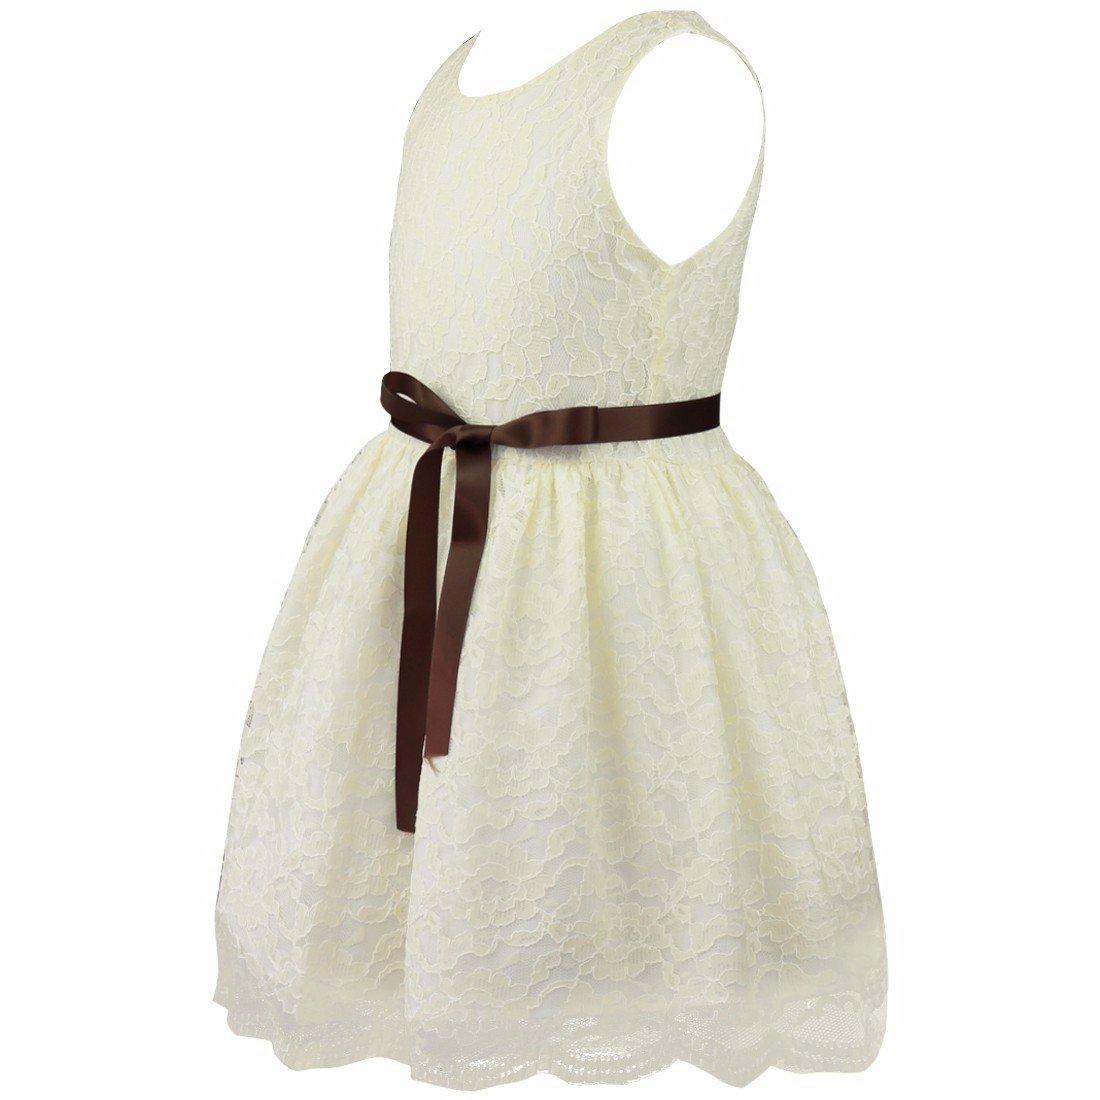 iiniim Vestido de Fiesta Largo para Boda Vestido de Ceremonia Vestido de Gasa Vestido de Princesa para Niñas y Bebés 6 Meses-10 Años: Amazon.es: Ropa y ...